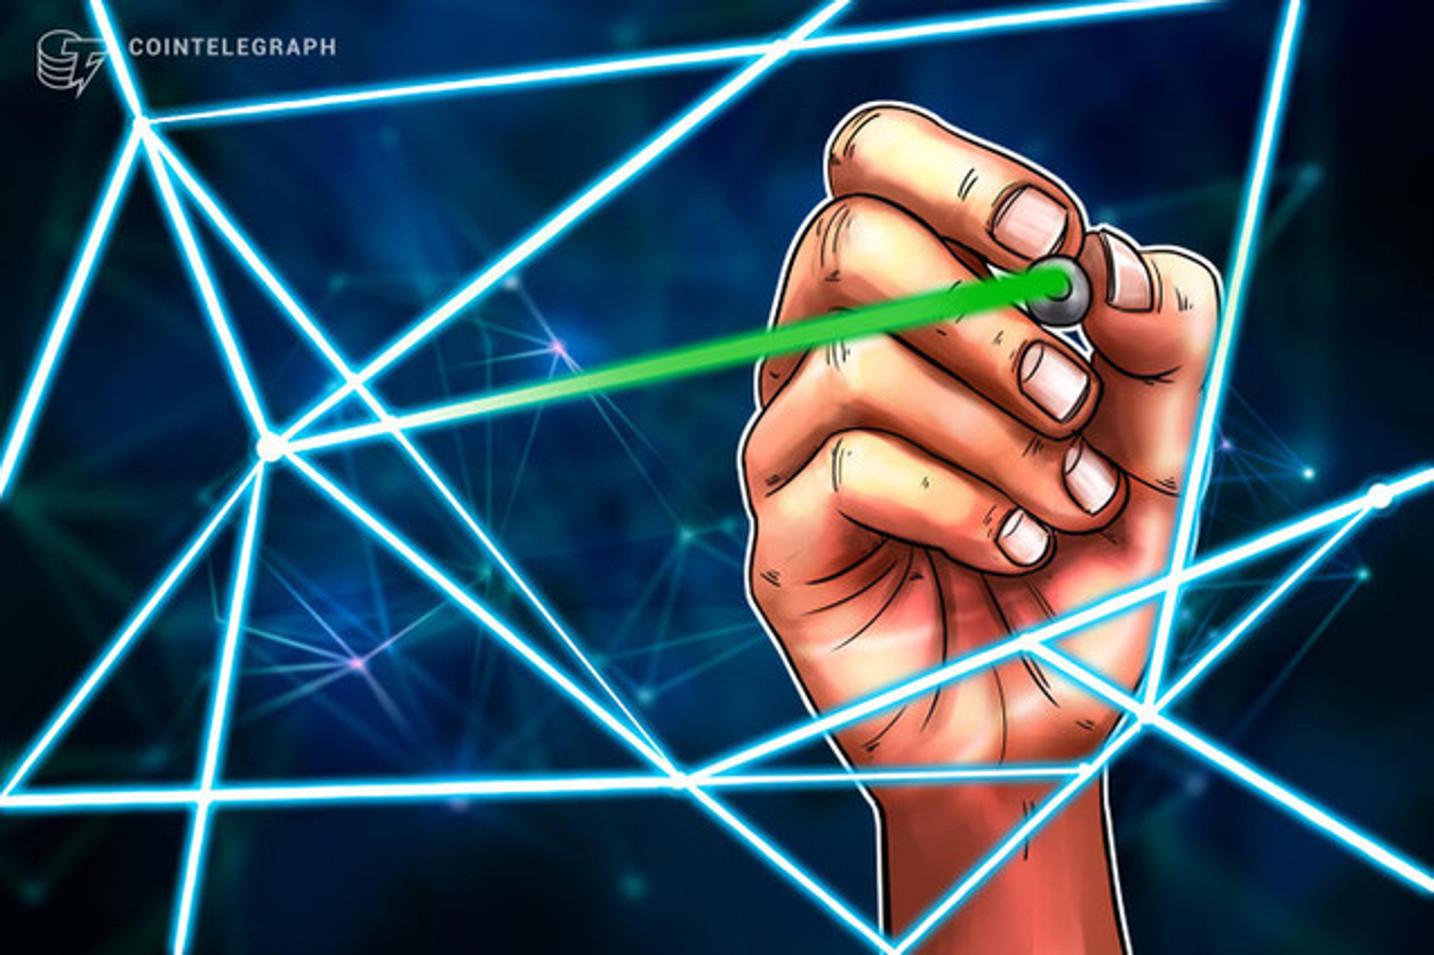 Lanzan una nueva plataforma que permite invertir en startups con tecnología blockchain